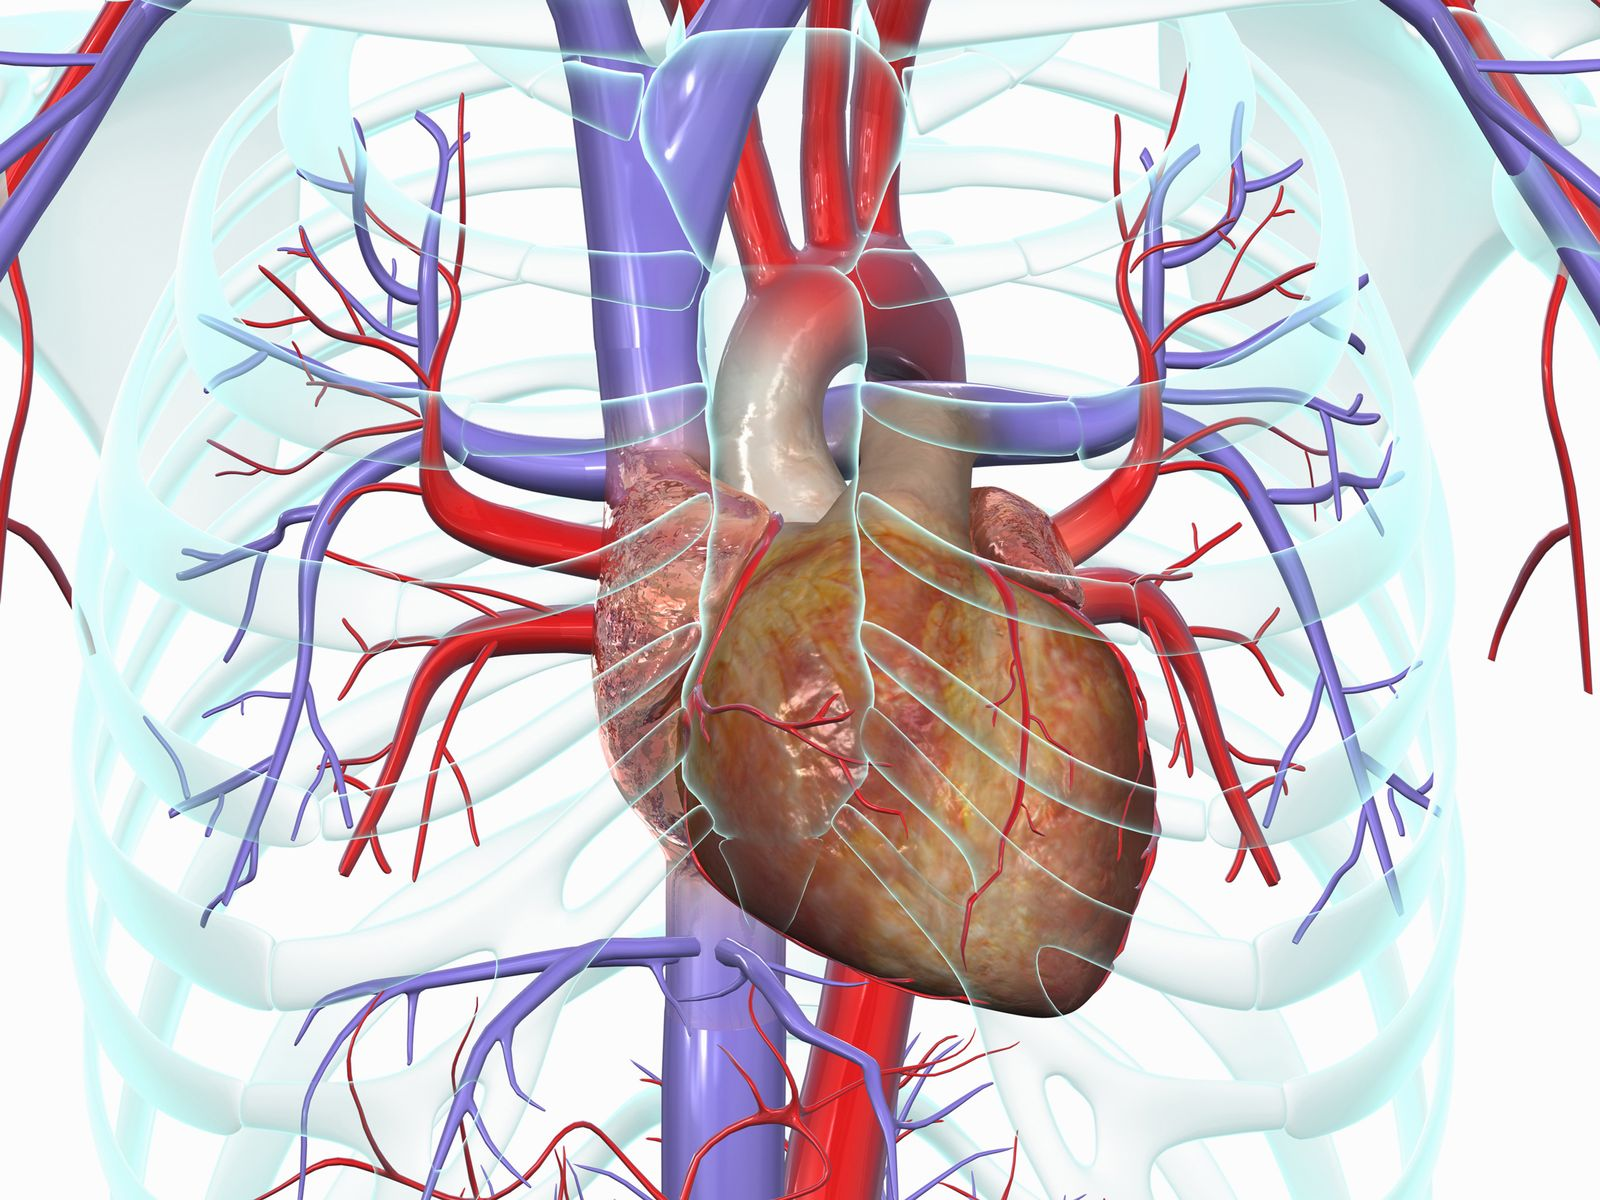 NICHT MEHR VERWENDEN! - Illustration / Menschliches Herz